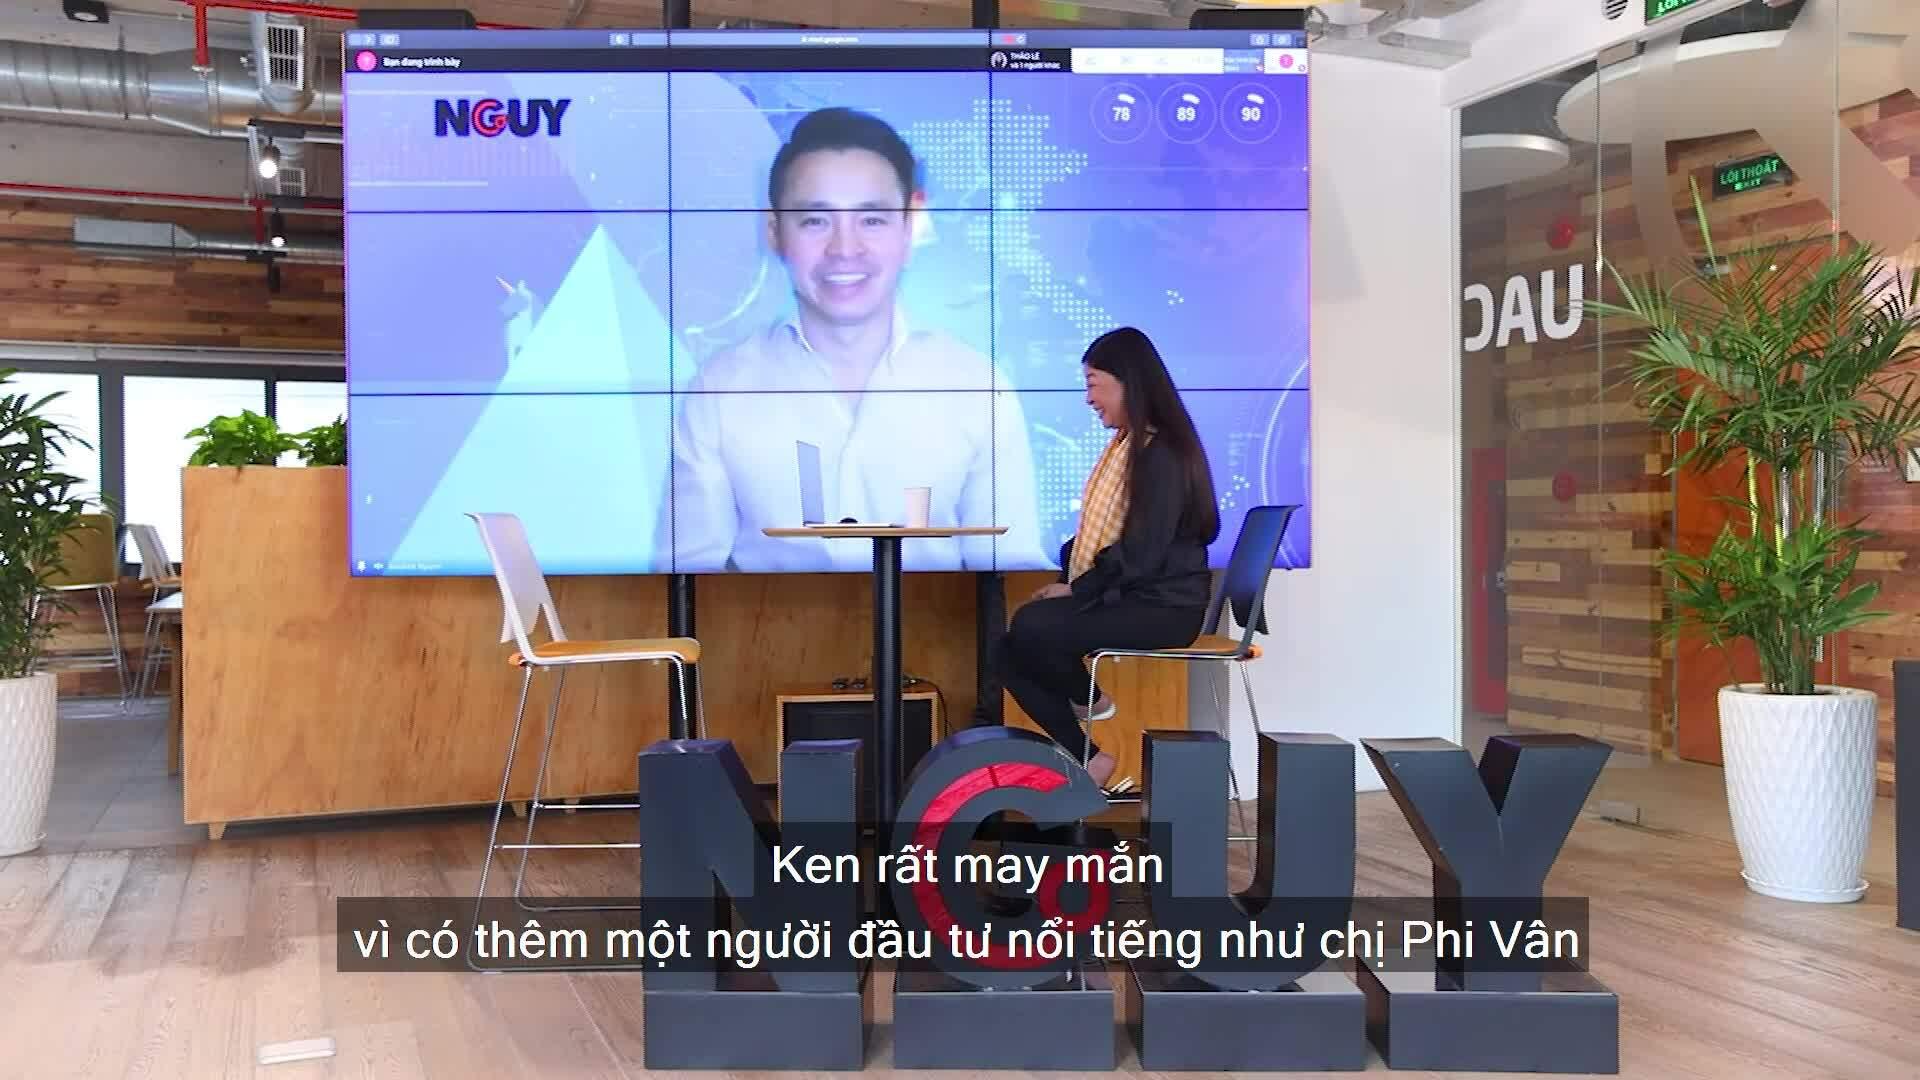 CEO gốc Việt phát triển nền tảng gọi vốn cộng đồng tại Mỹ